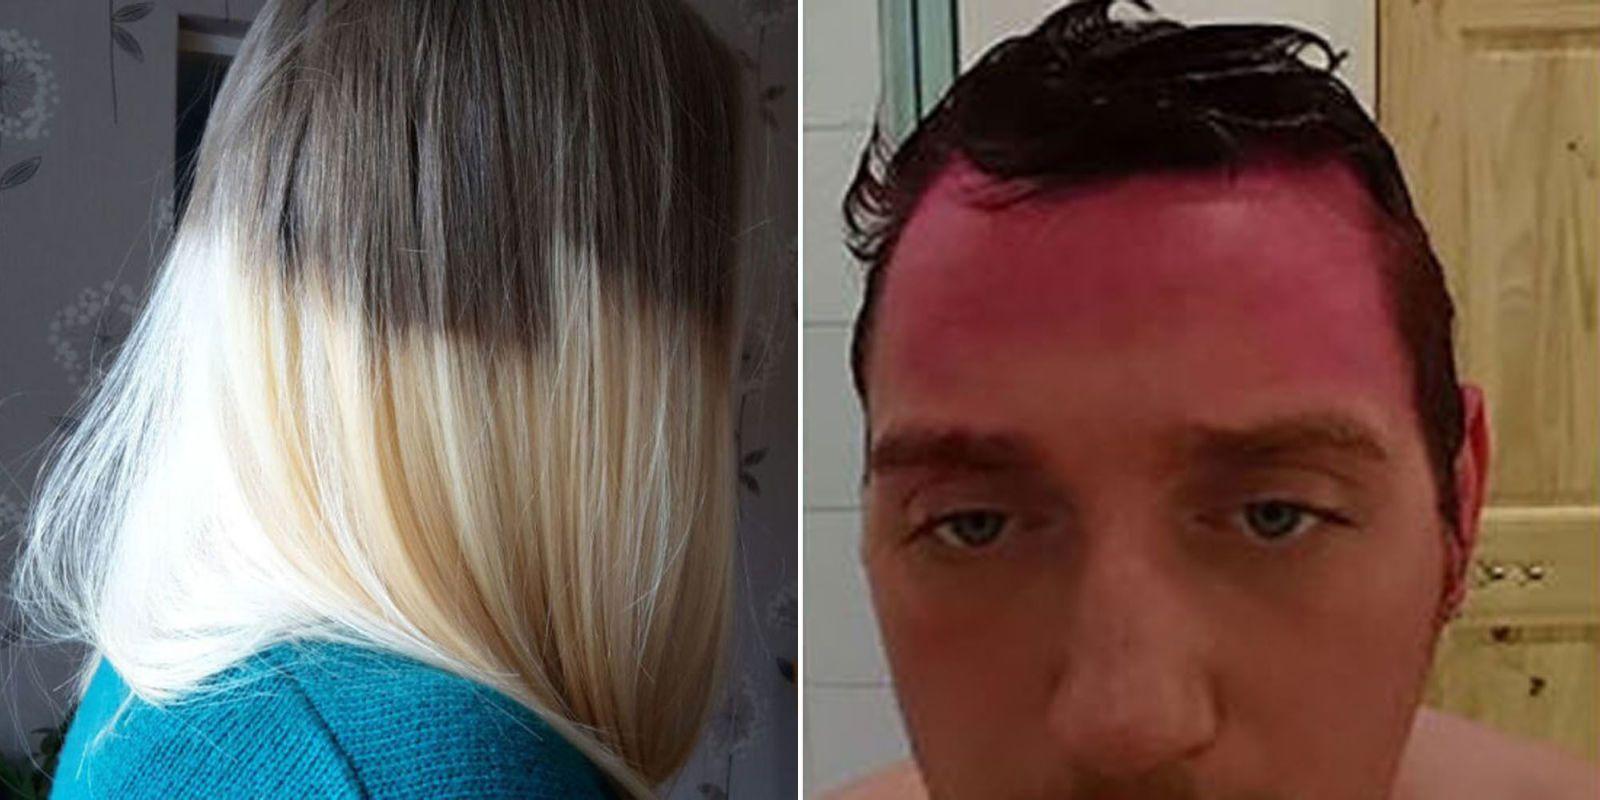 Hair salons that dye hair